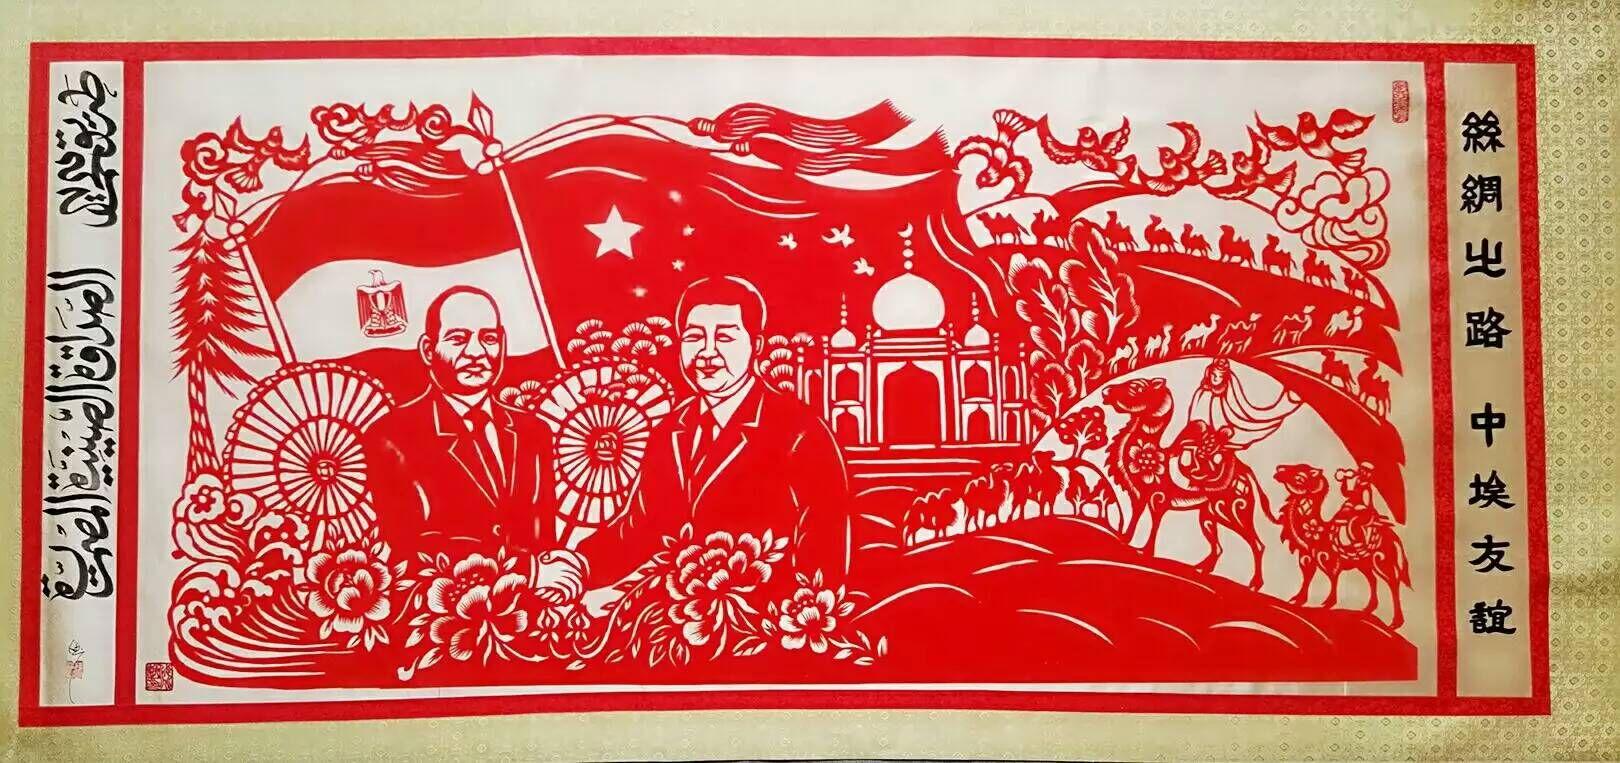 宁夏一级工艺美术大师-------伏兆娥图片